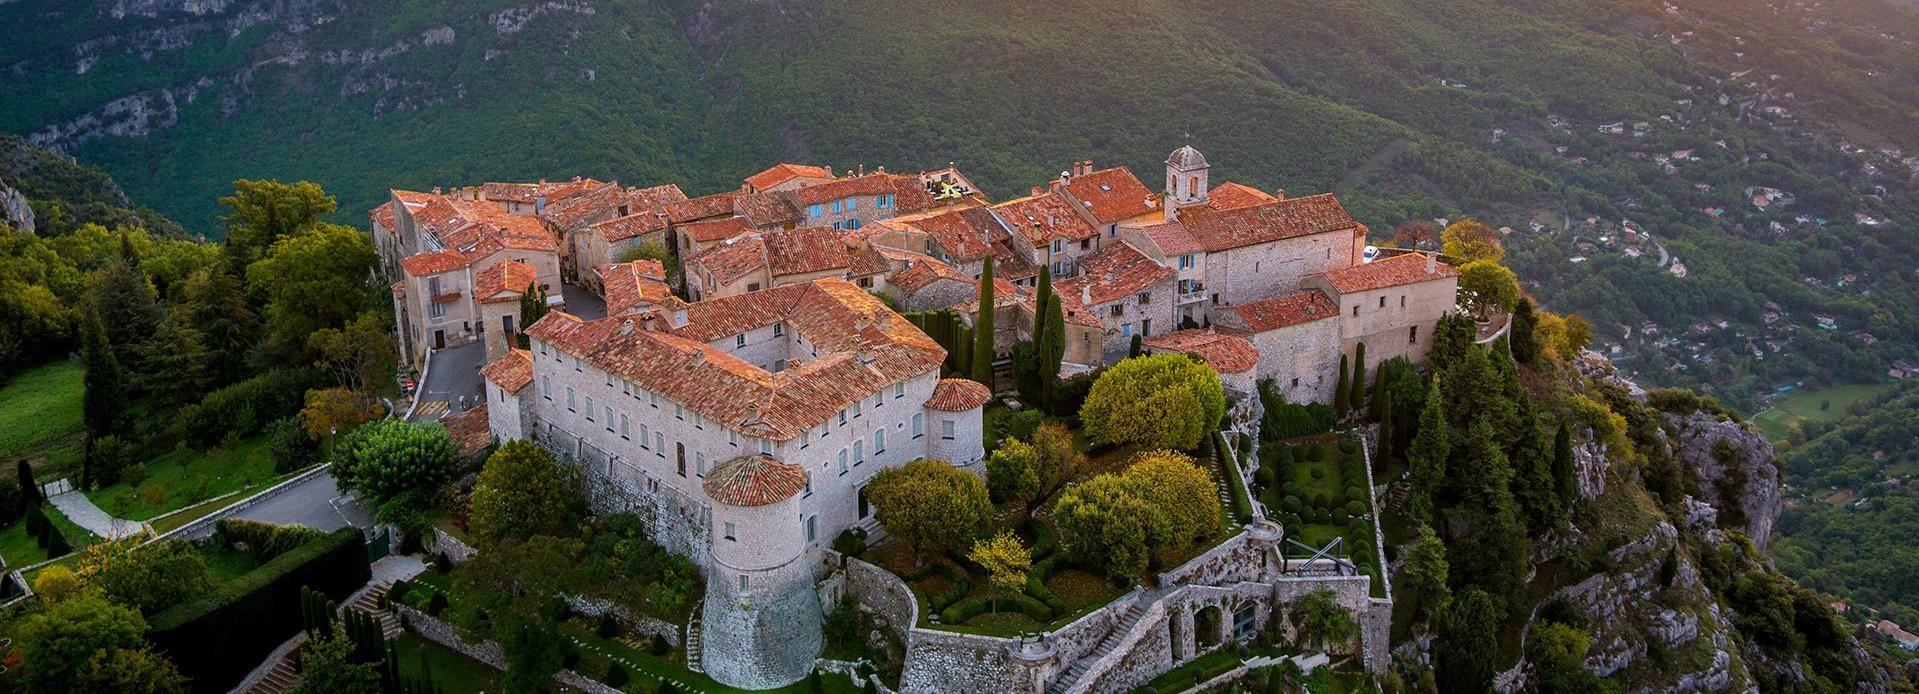 Depuis Nice: visite de Monaco et des villages médiévaux